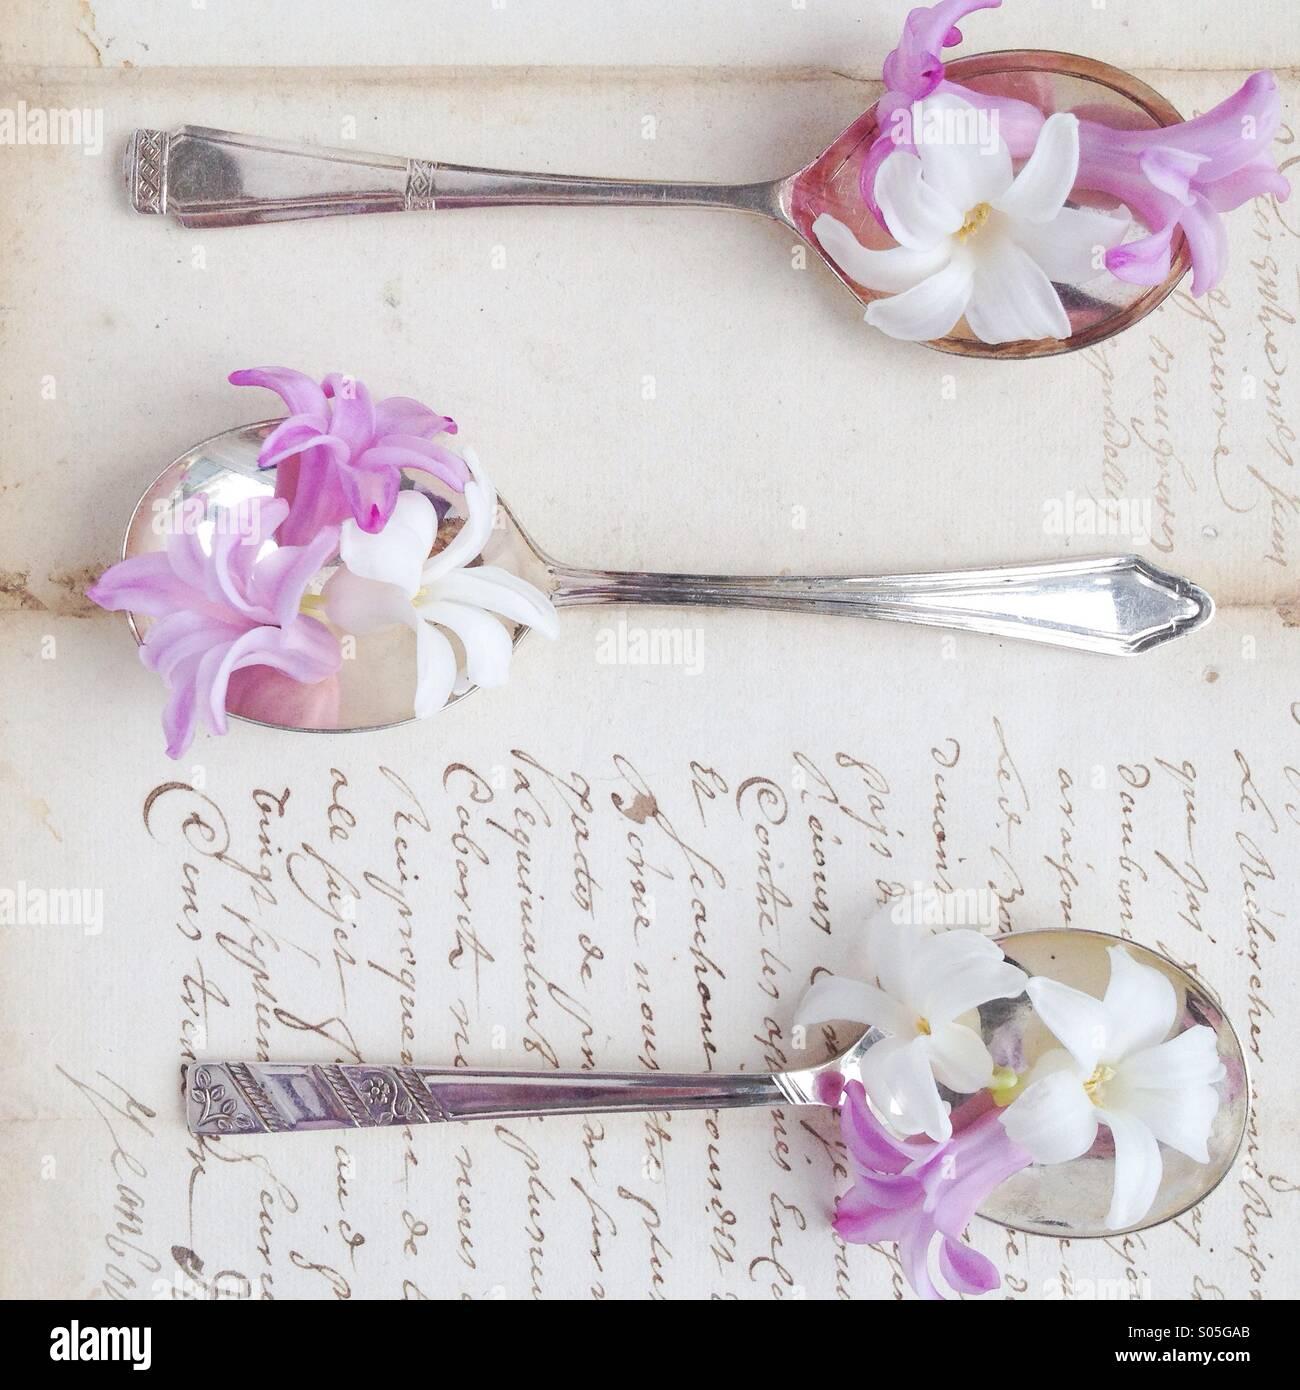 Giacinti su vintage cucchiaio d'argento e lettera vintage Immagini Stock